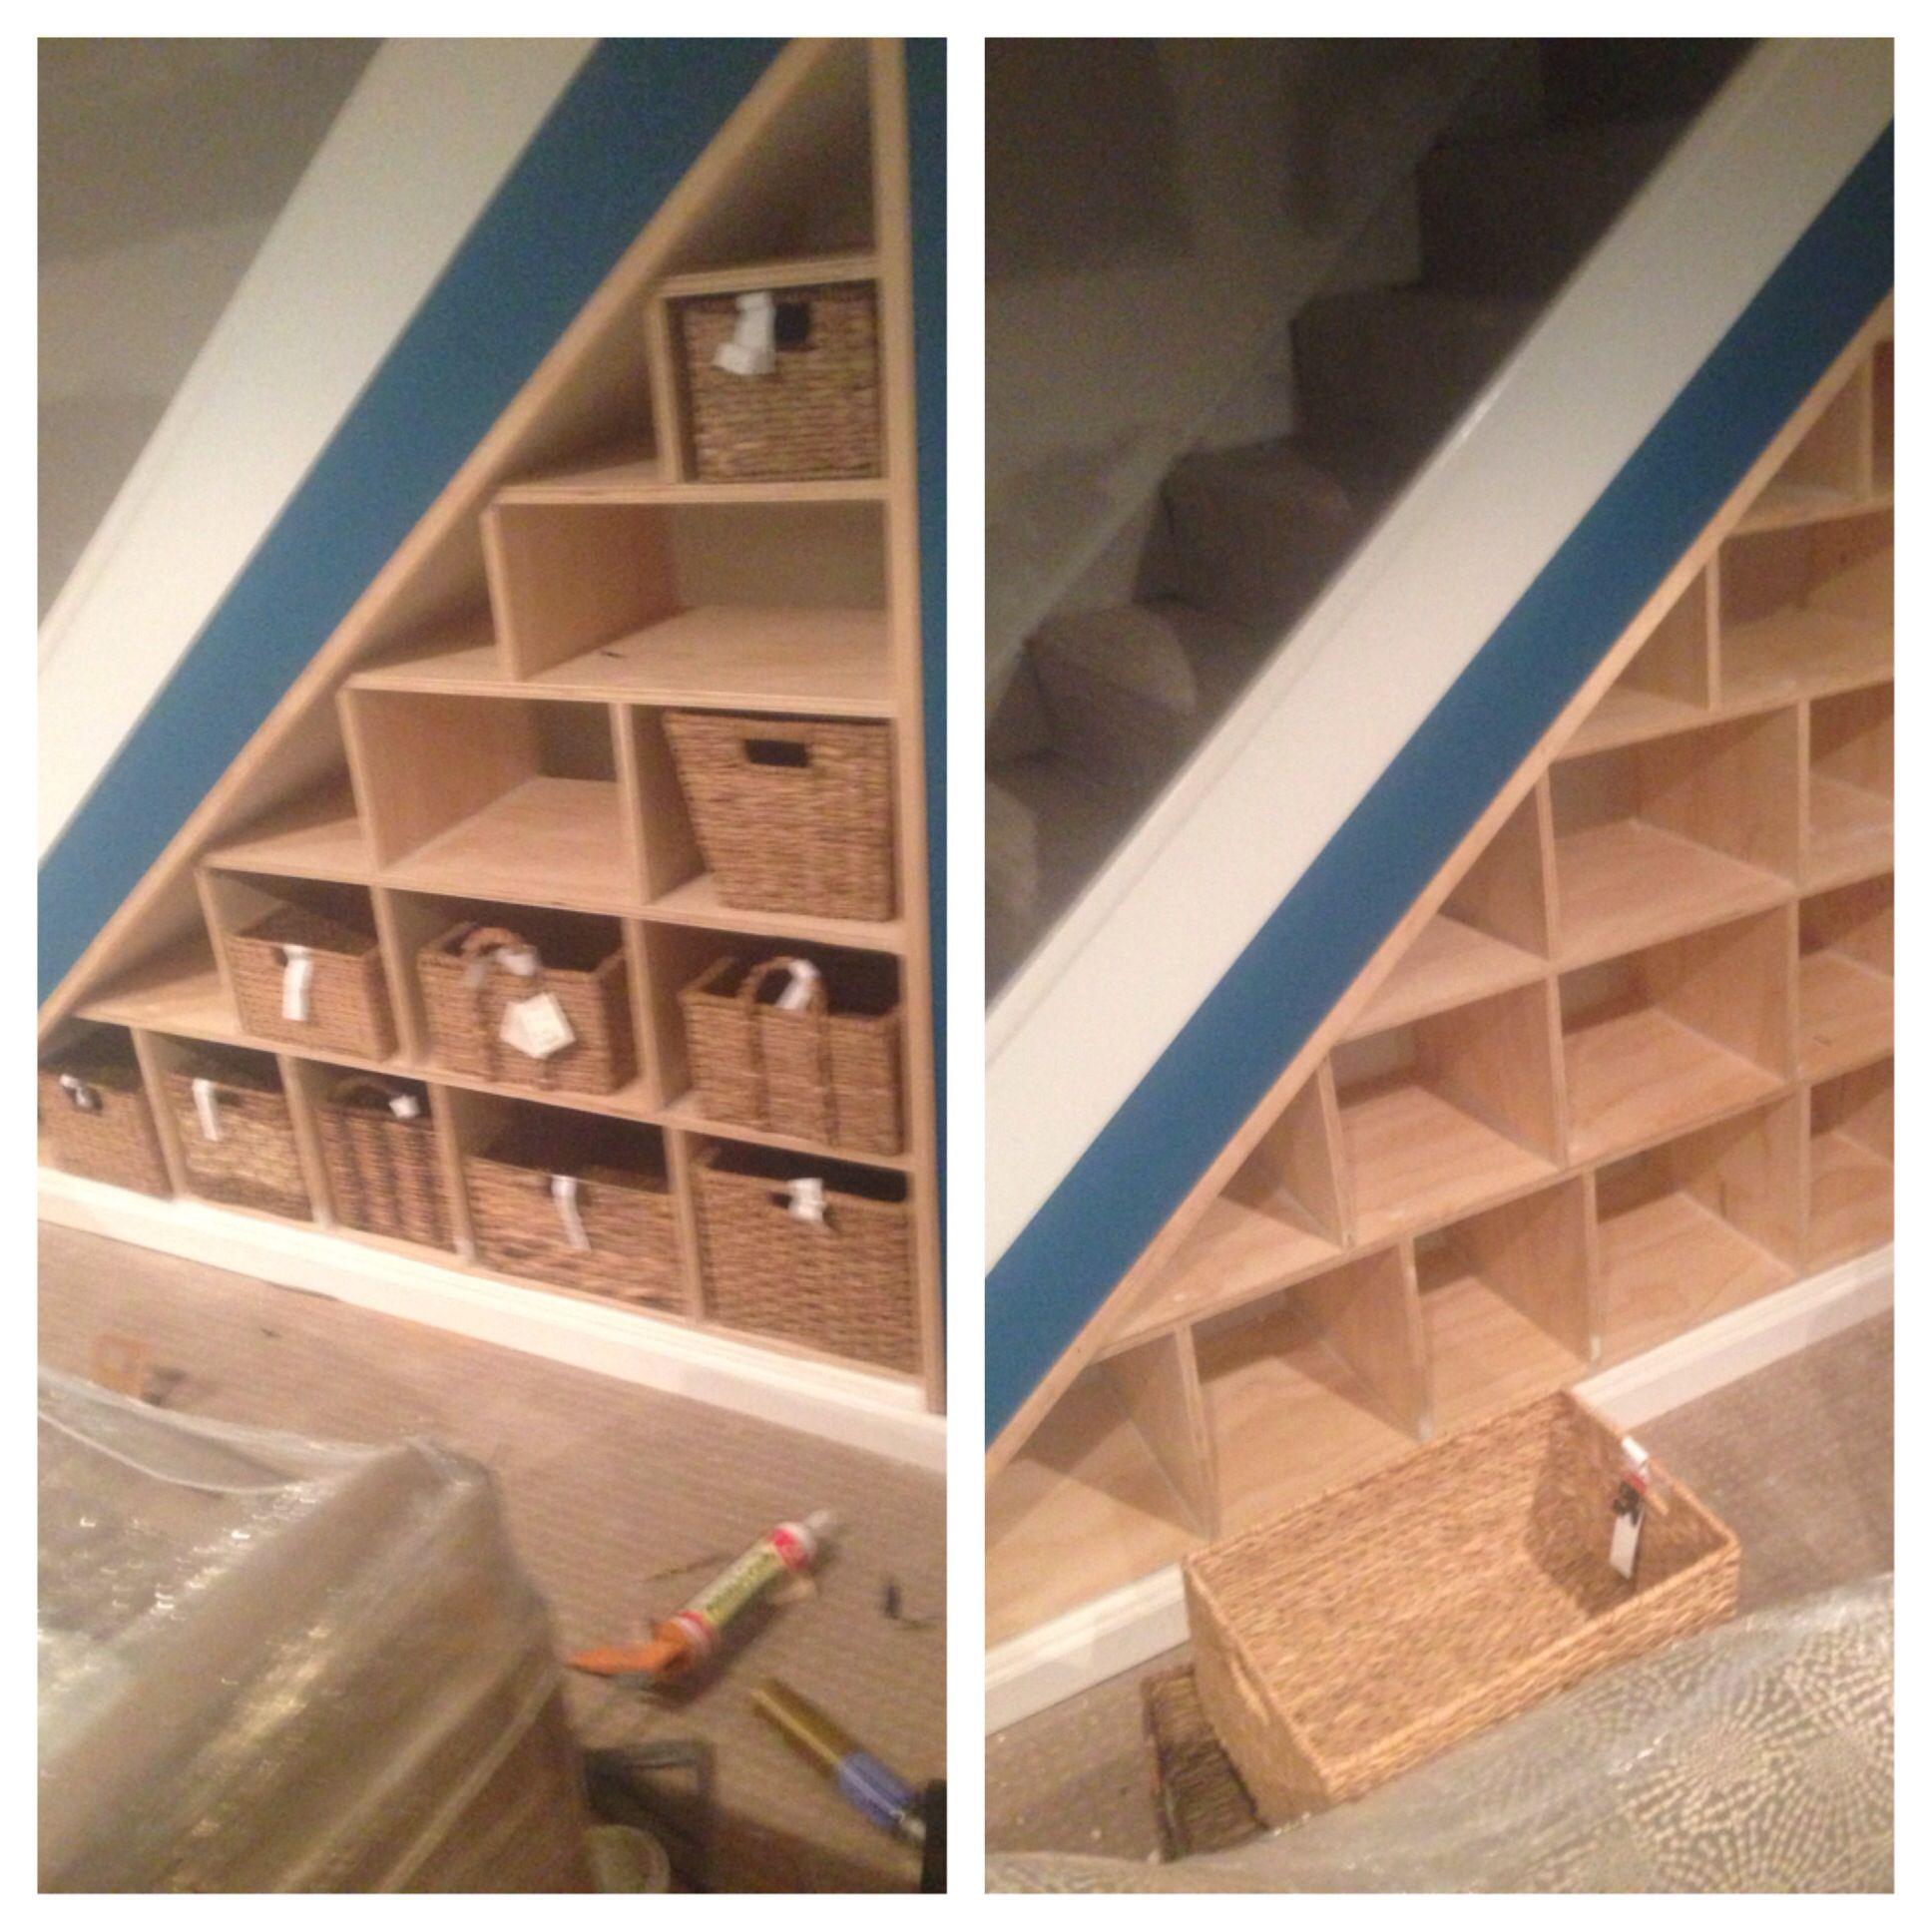 Basement storage under steps add varied size shelves for long board